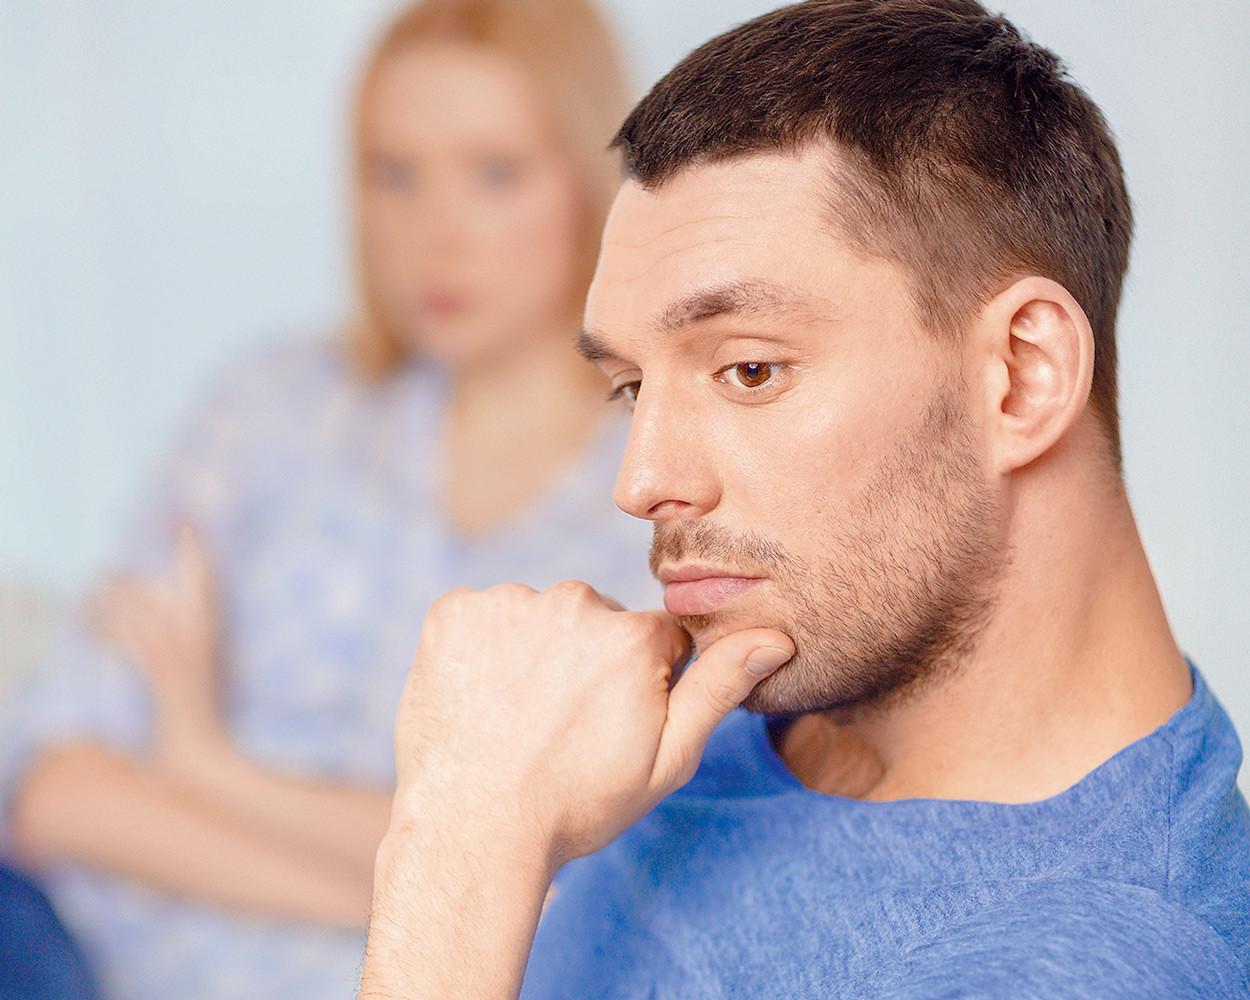 Бывшая жена мужа мешает жить: как решить проблему?